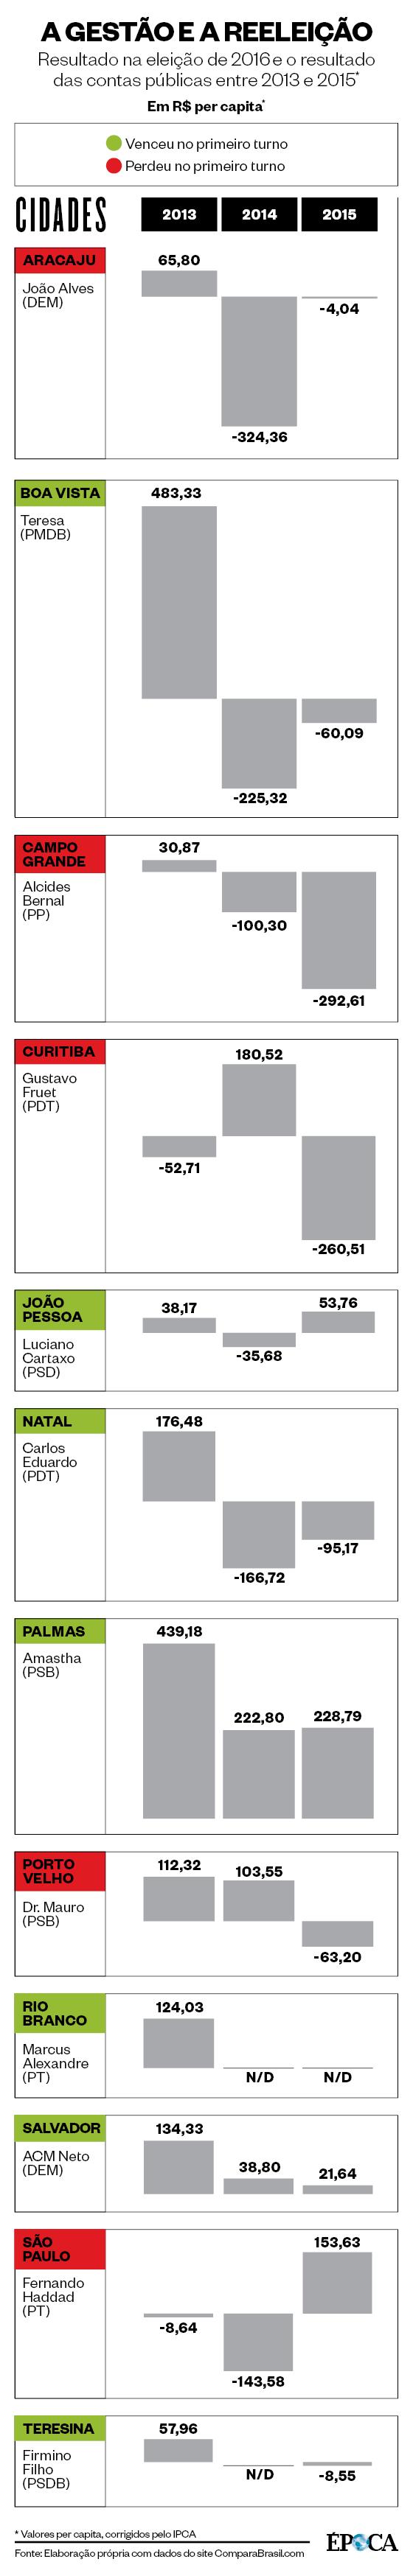 Resultado nas urnas e resultado financeiro dos prefeitos das capitais (Foto: Editoria de Arte)